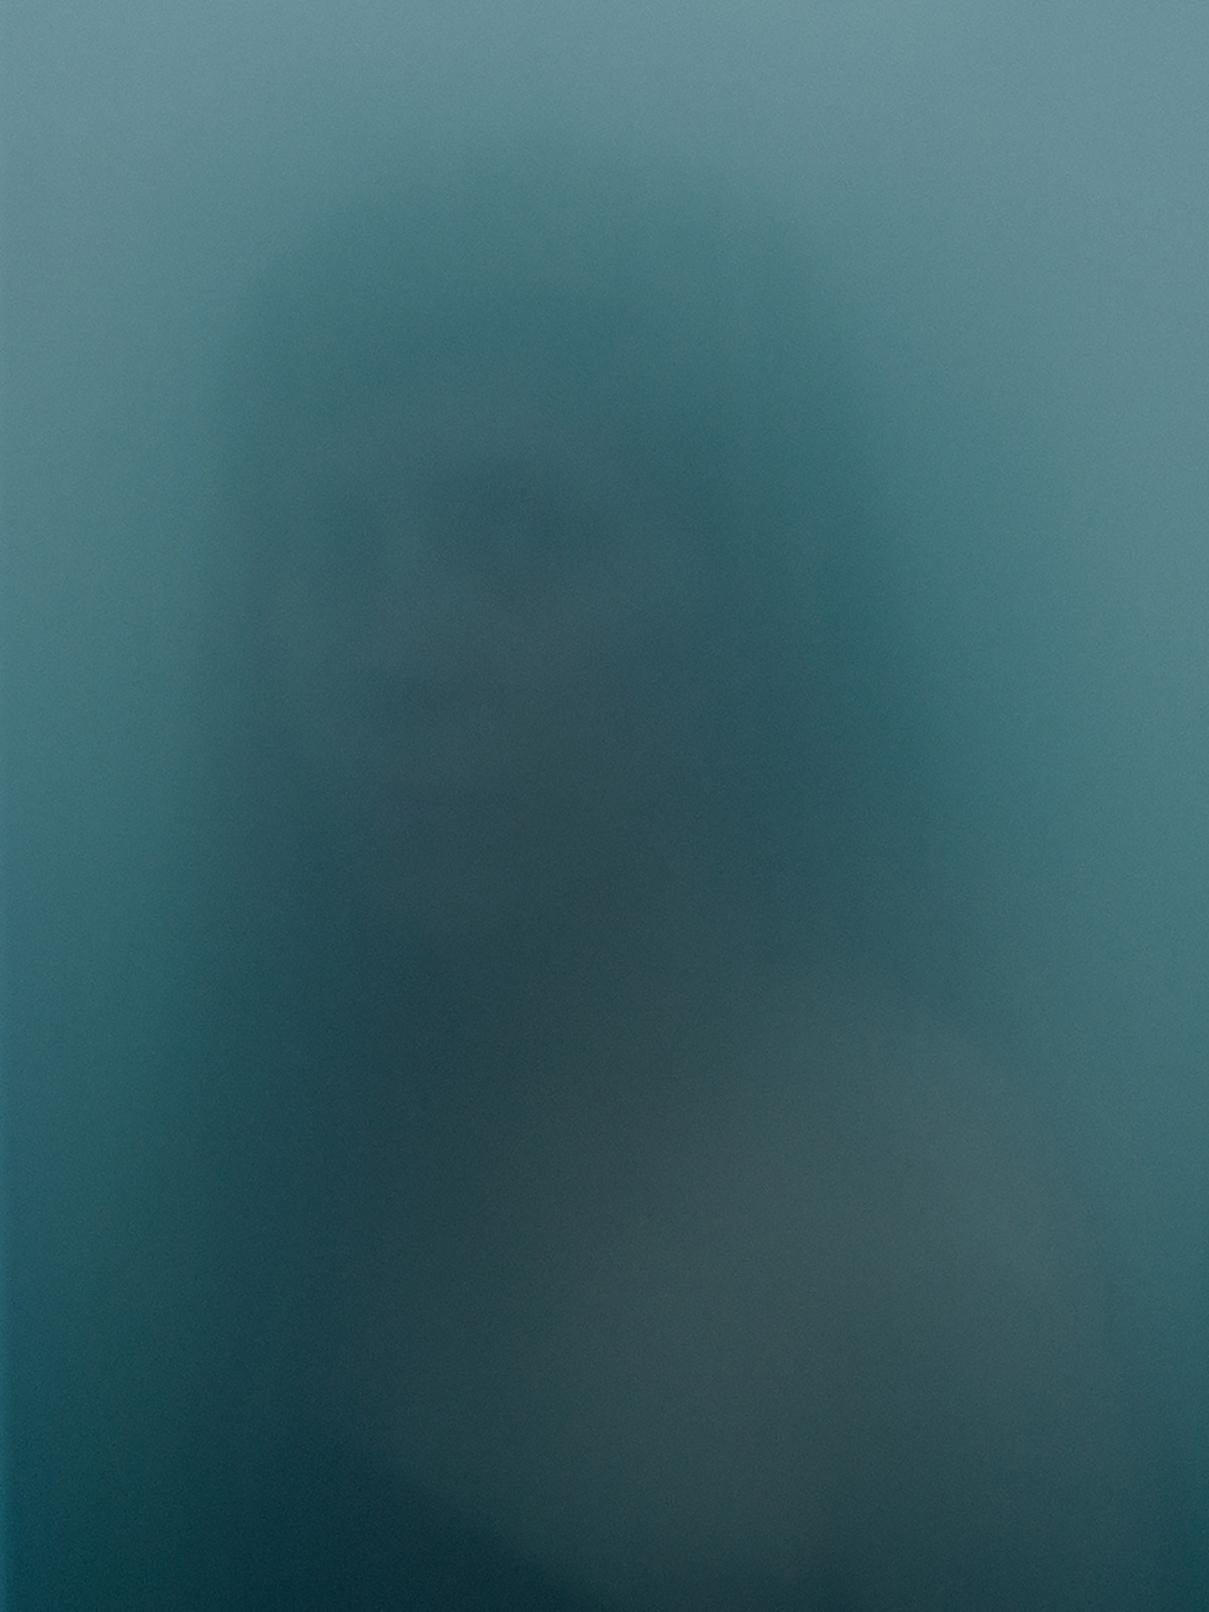 דויד סקורי צילום פורטרט בערפיליות